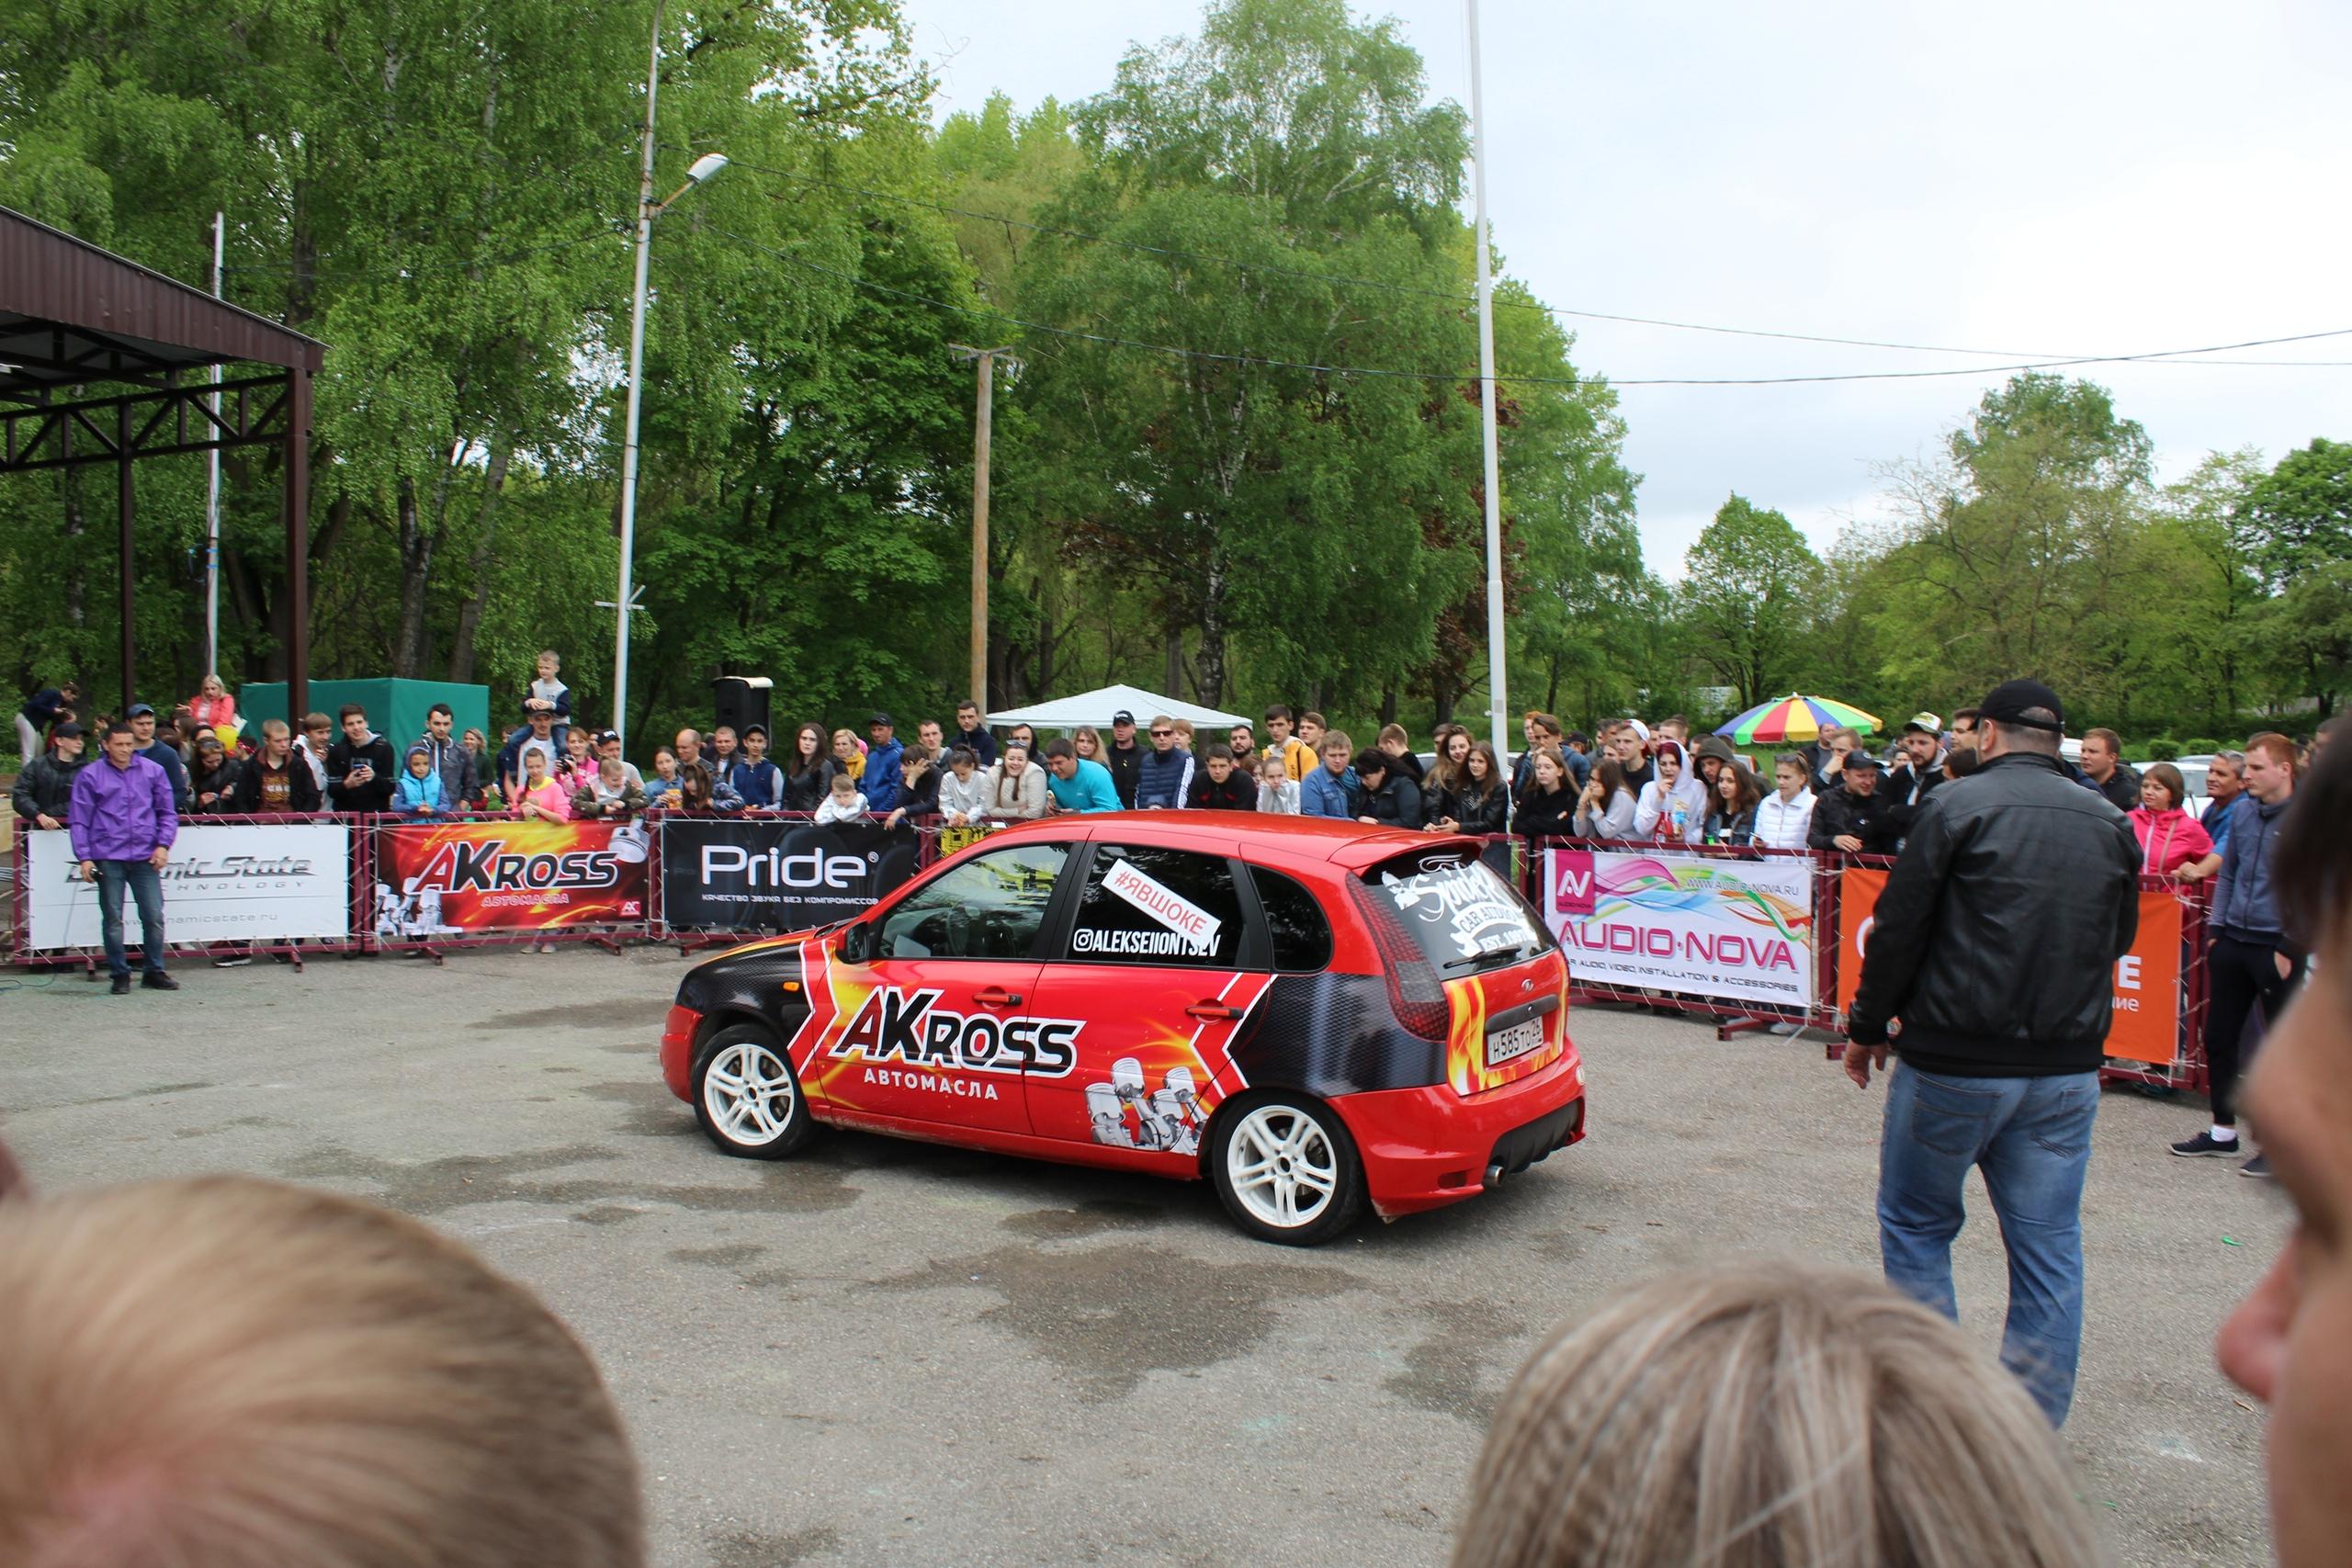 Открытие чемпионата России по автозвуку в формате BTL